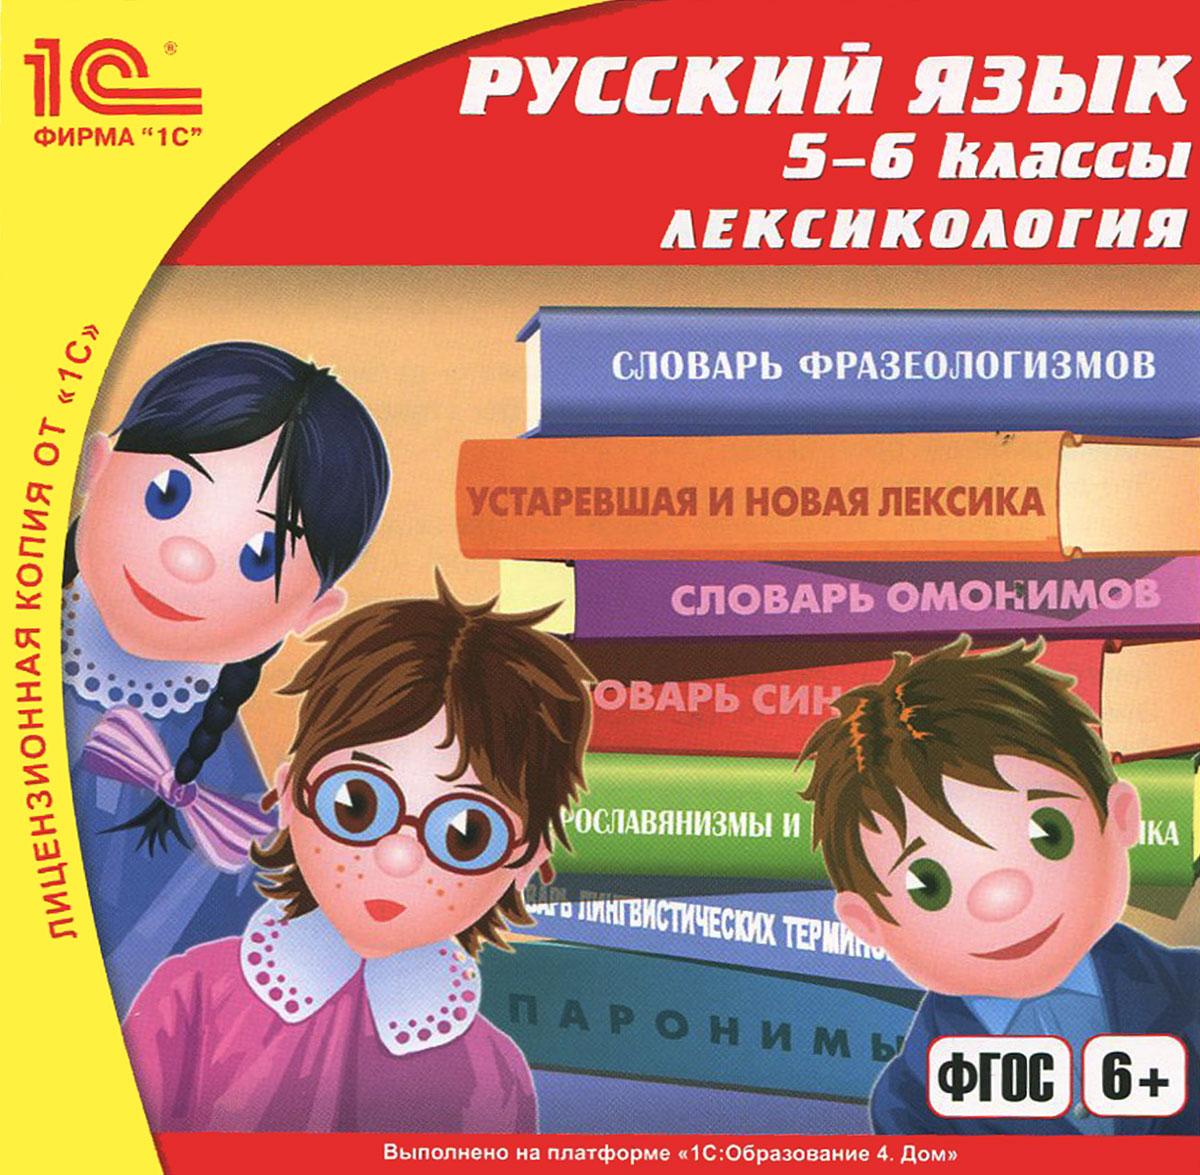 1С: Школа. Русский язык. 5-6 класс. Лексикология. Переработанное издание